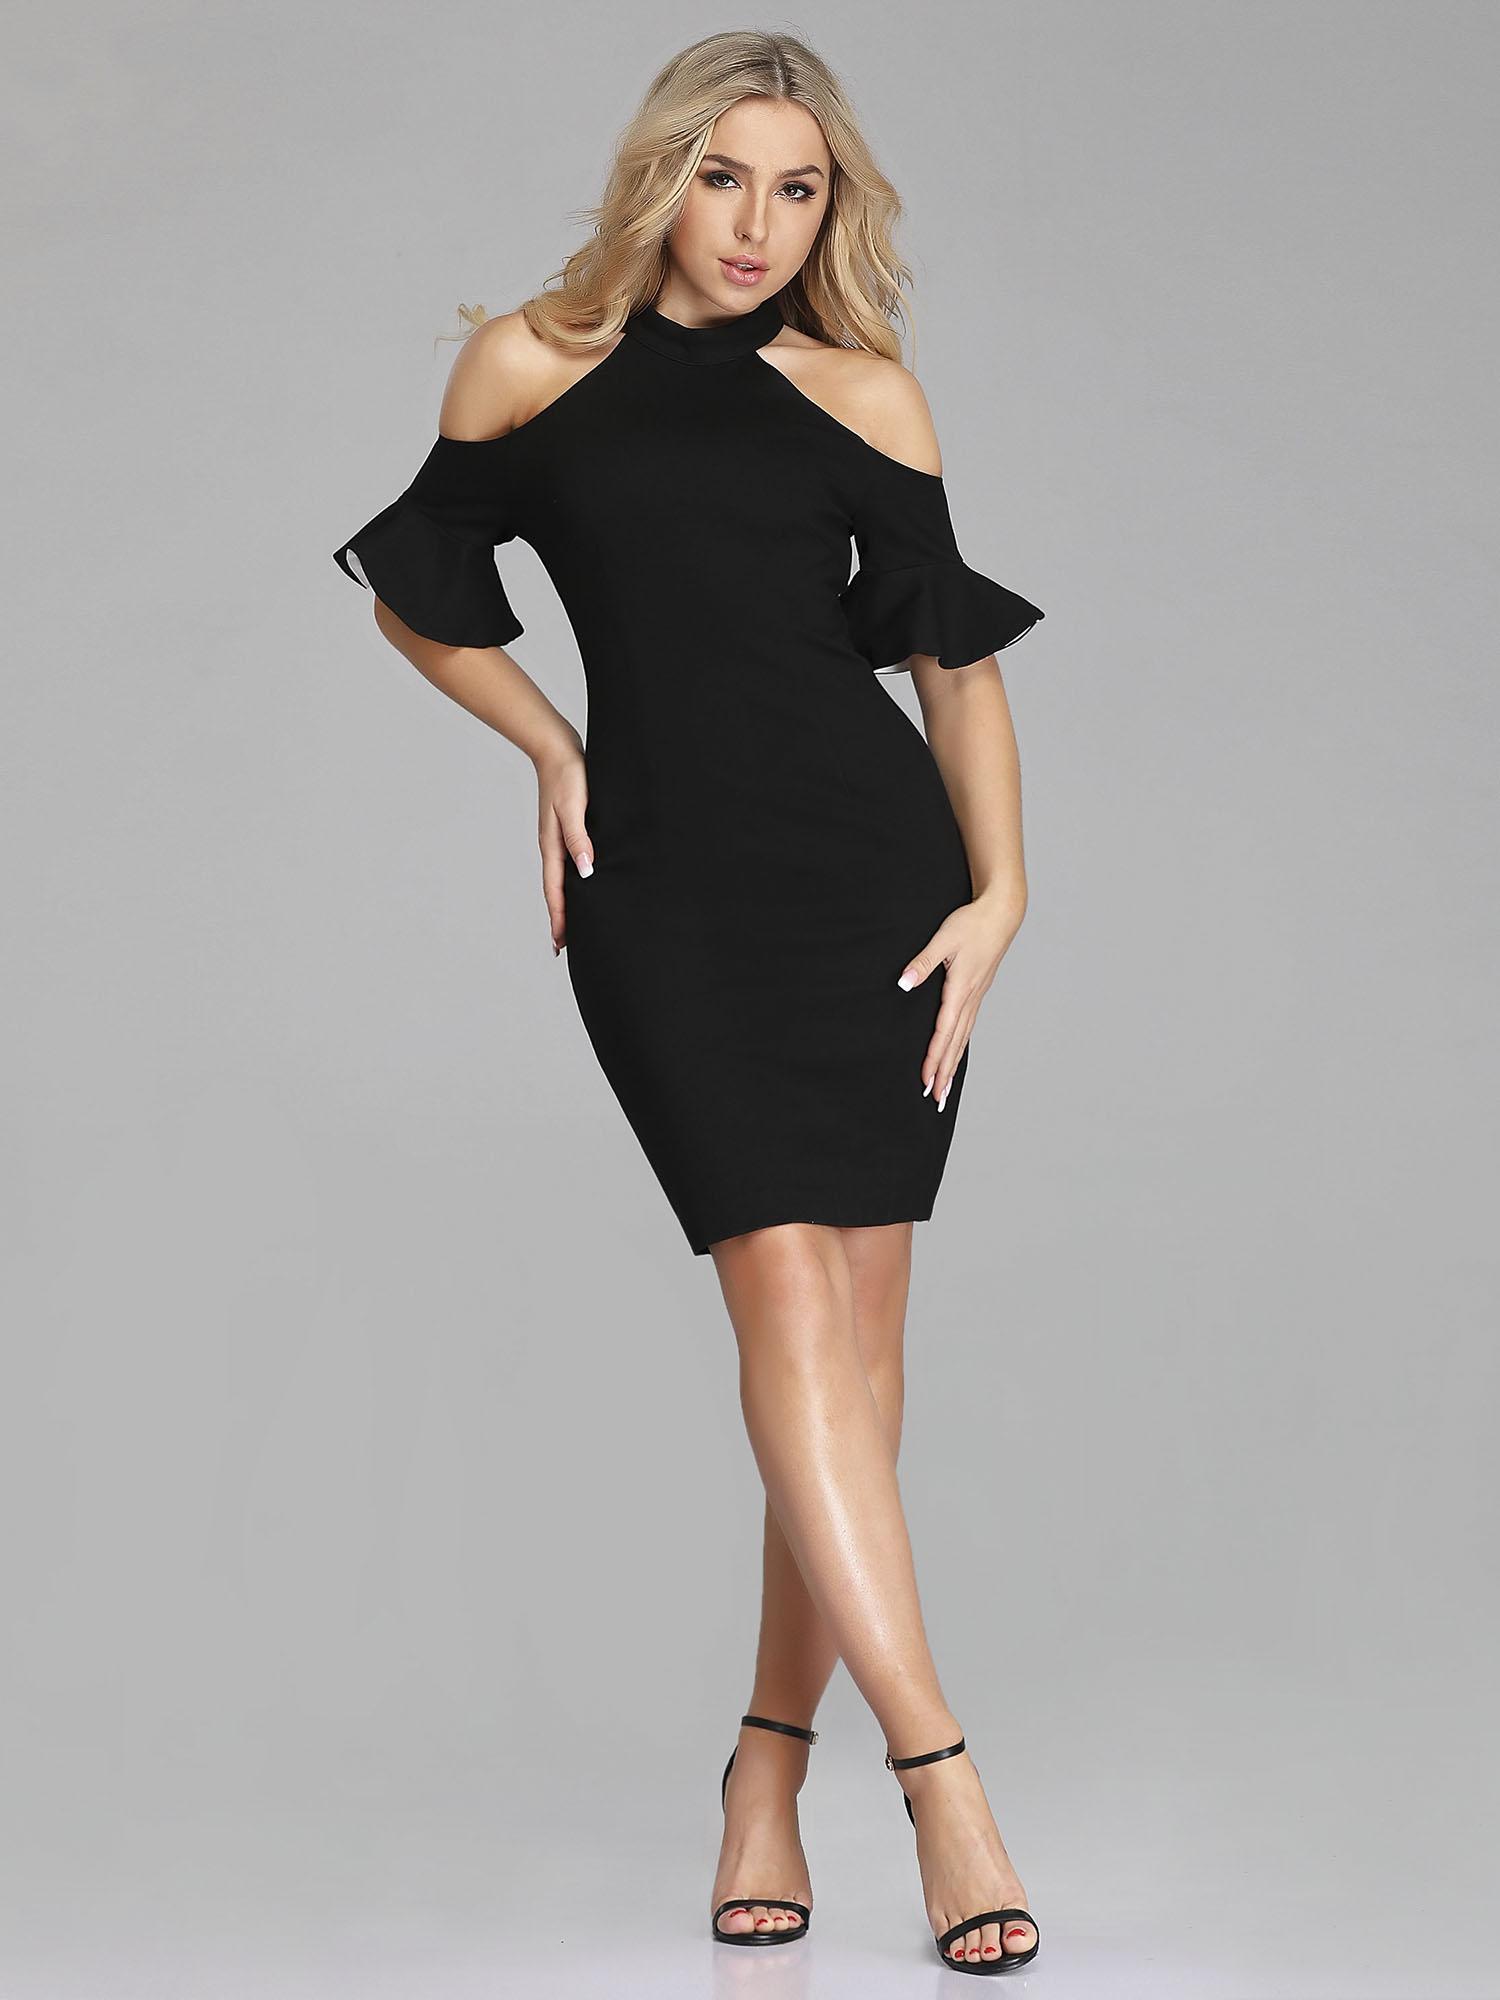 44de8988b740a6 Details about US Short Black Halter Cold-shoulder Bodycon Dresses Cocktail  Party Dress 05884